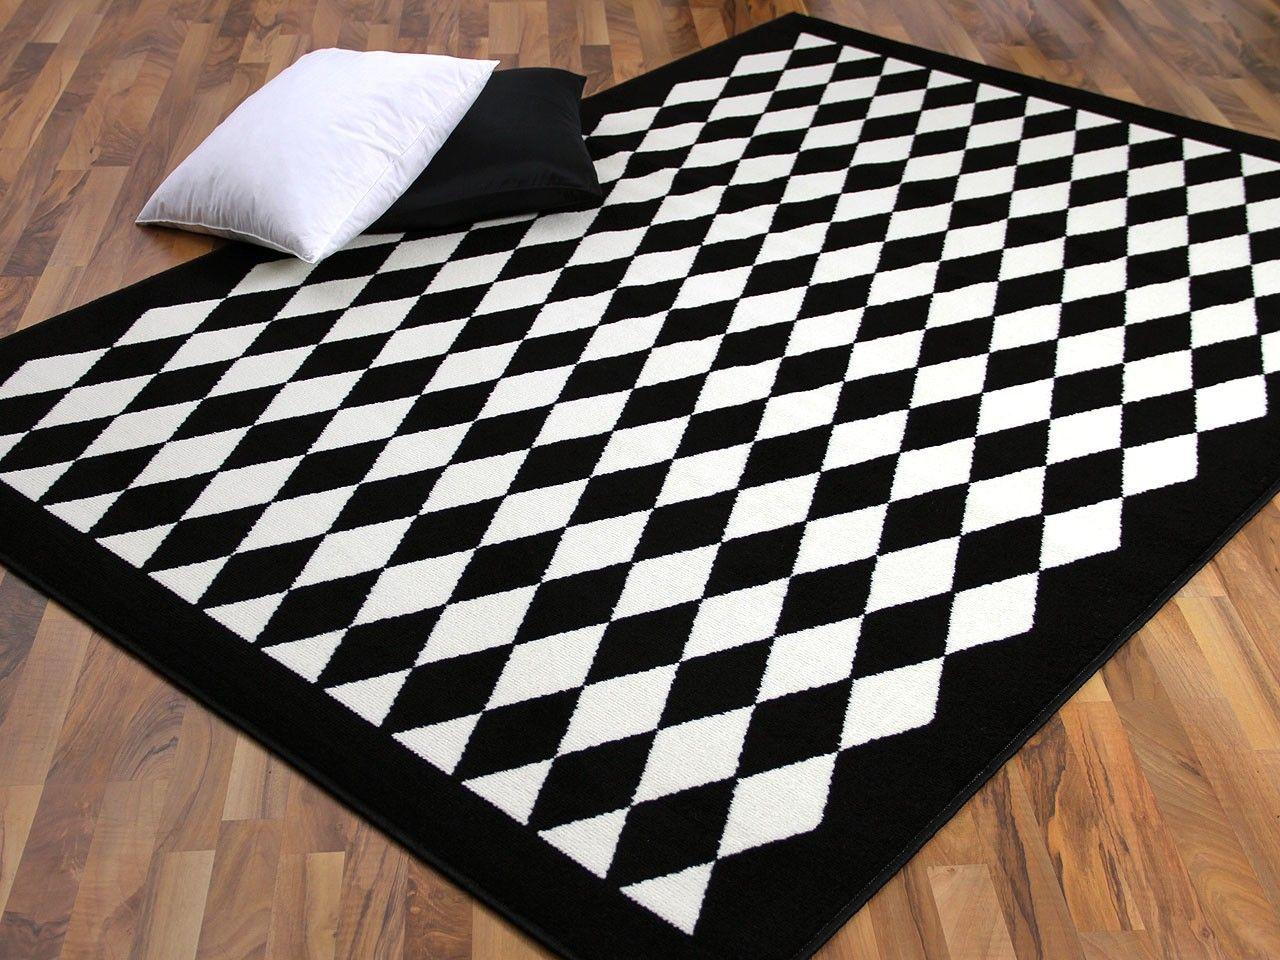 Full Size of Teppich Schwarz Weiß 12 Wei Frisch Wohnzimmer Teppiche Bett 120x200 Big Sofa Regale Küche Matt Bad Hängeschrank Hochglanz Hochschrank Schlafzimmer Komplett Wohnzimmer Teppich Schwarz Weiß